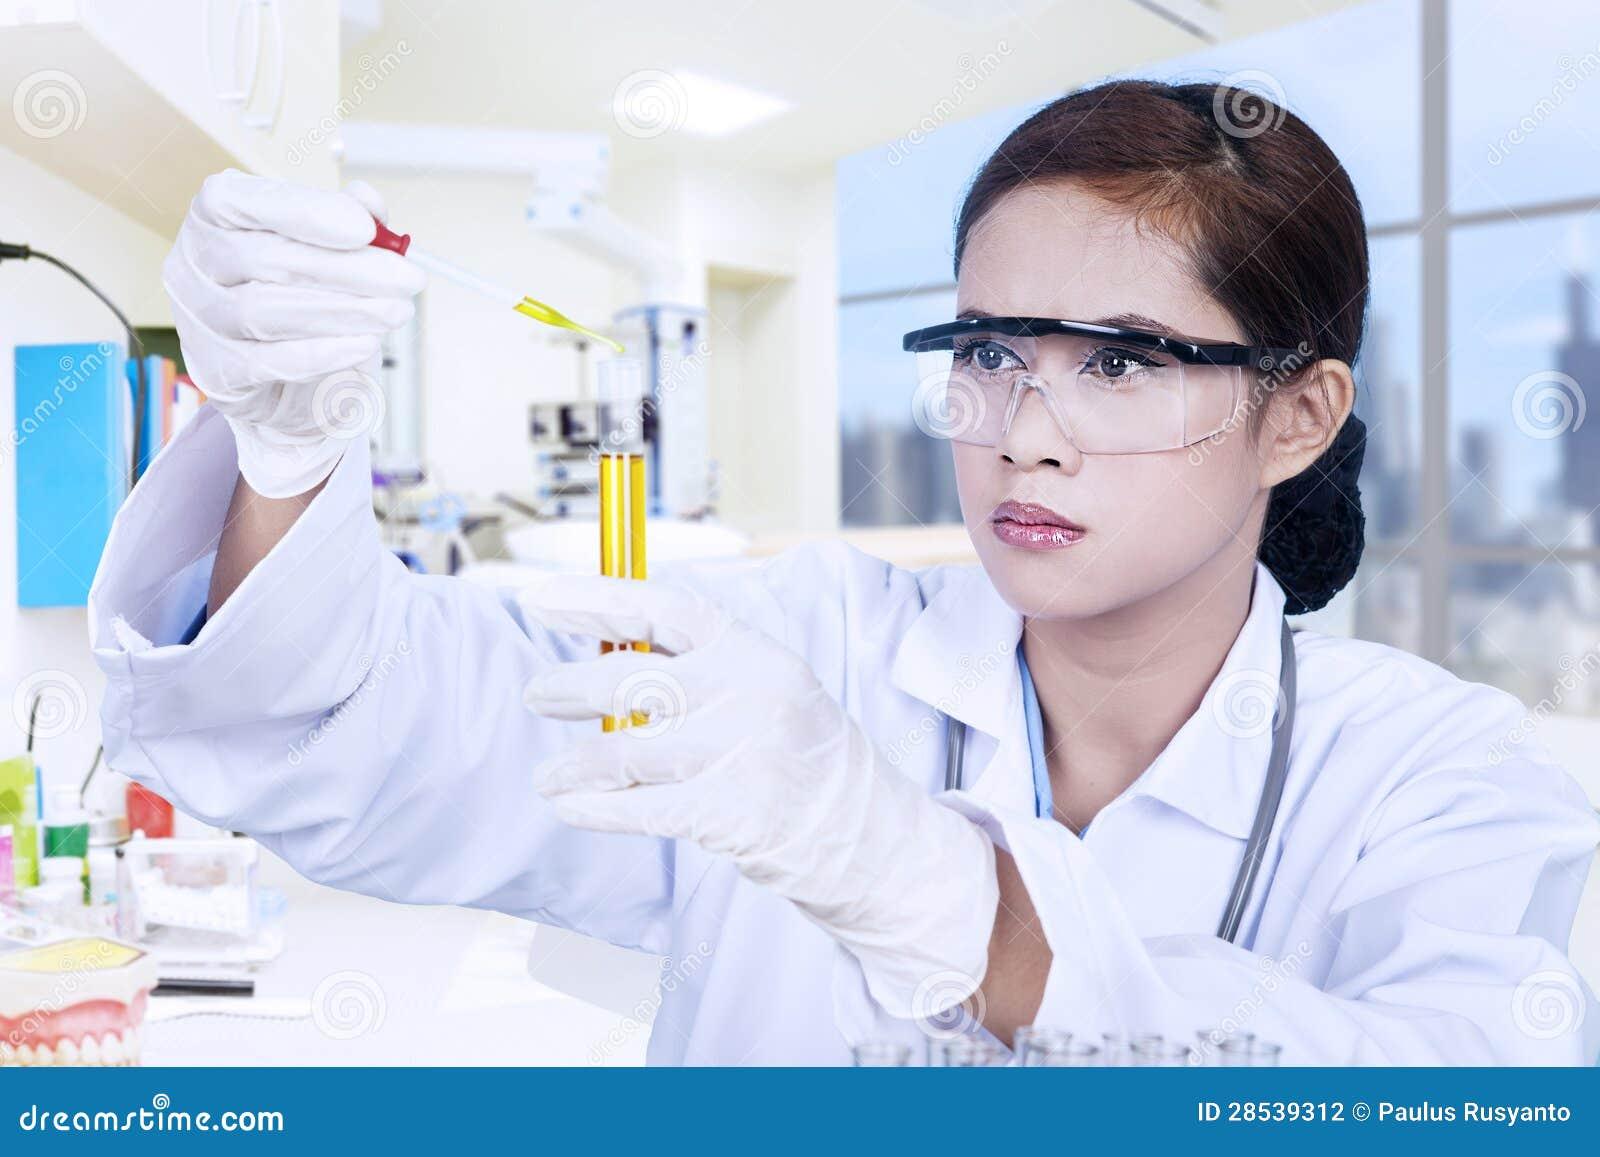 если женщина научный работник так же, как